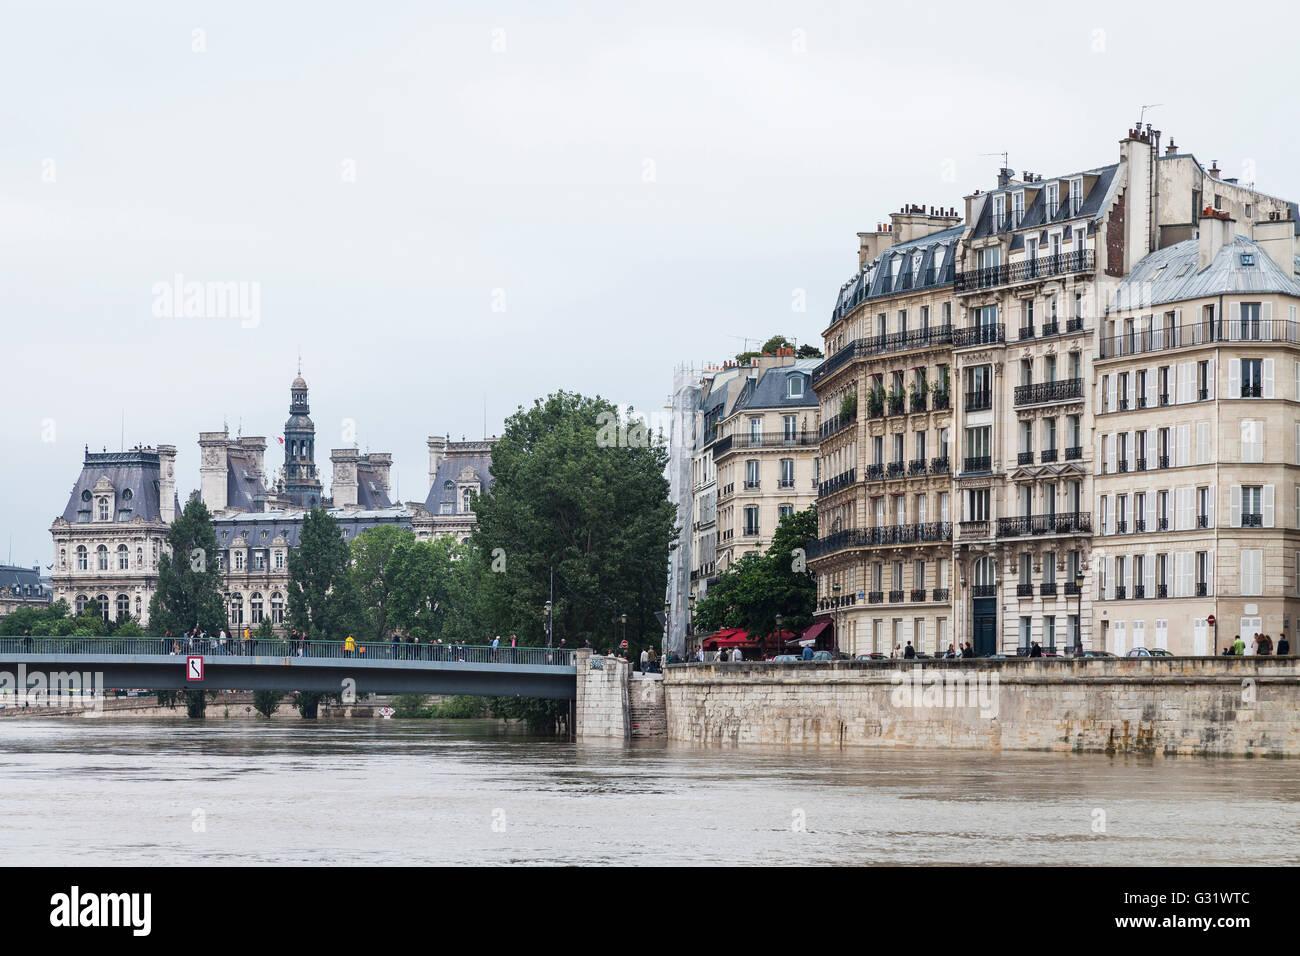 Flood in paris ile de st louis h tel de ville 2016 stock photo royalty free image 105148412 - Hotel ile saint louis ...